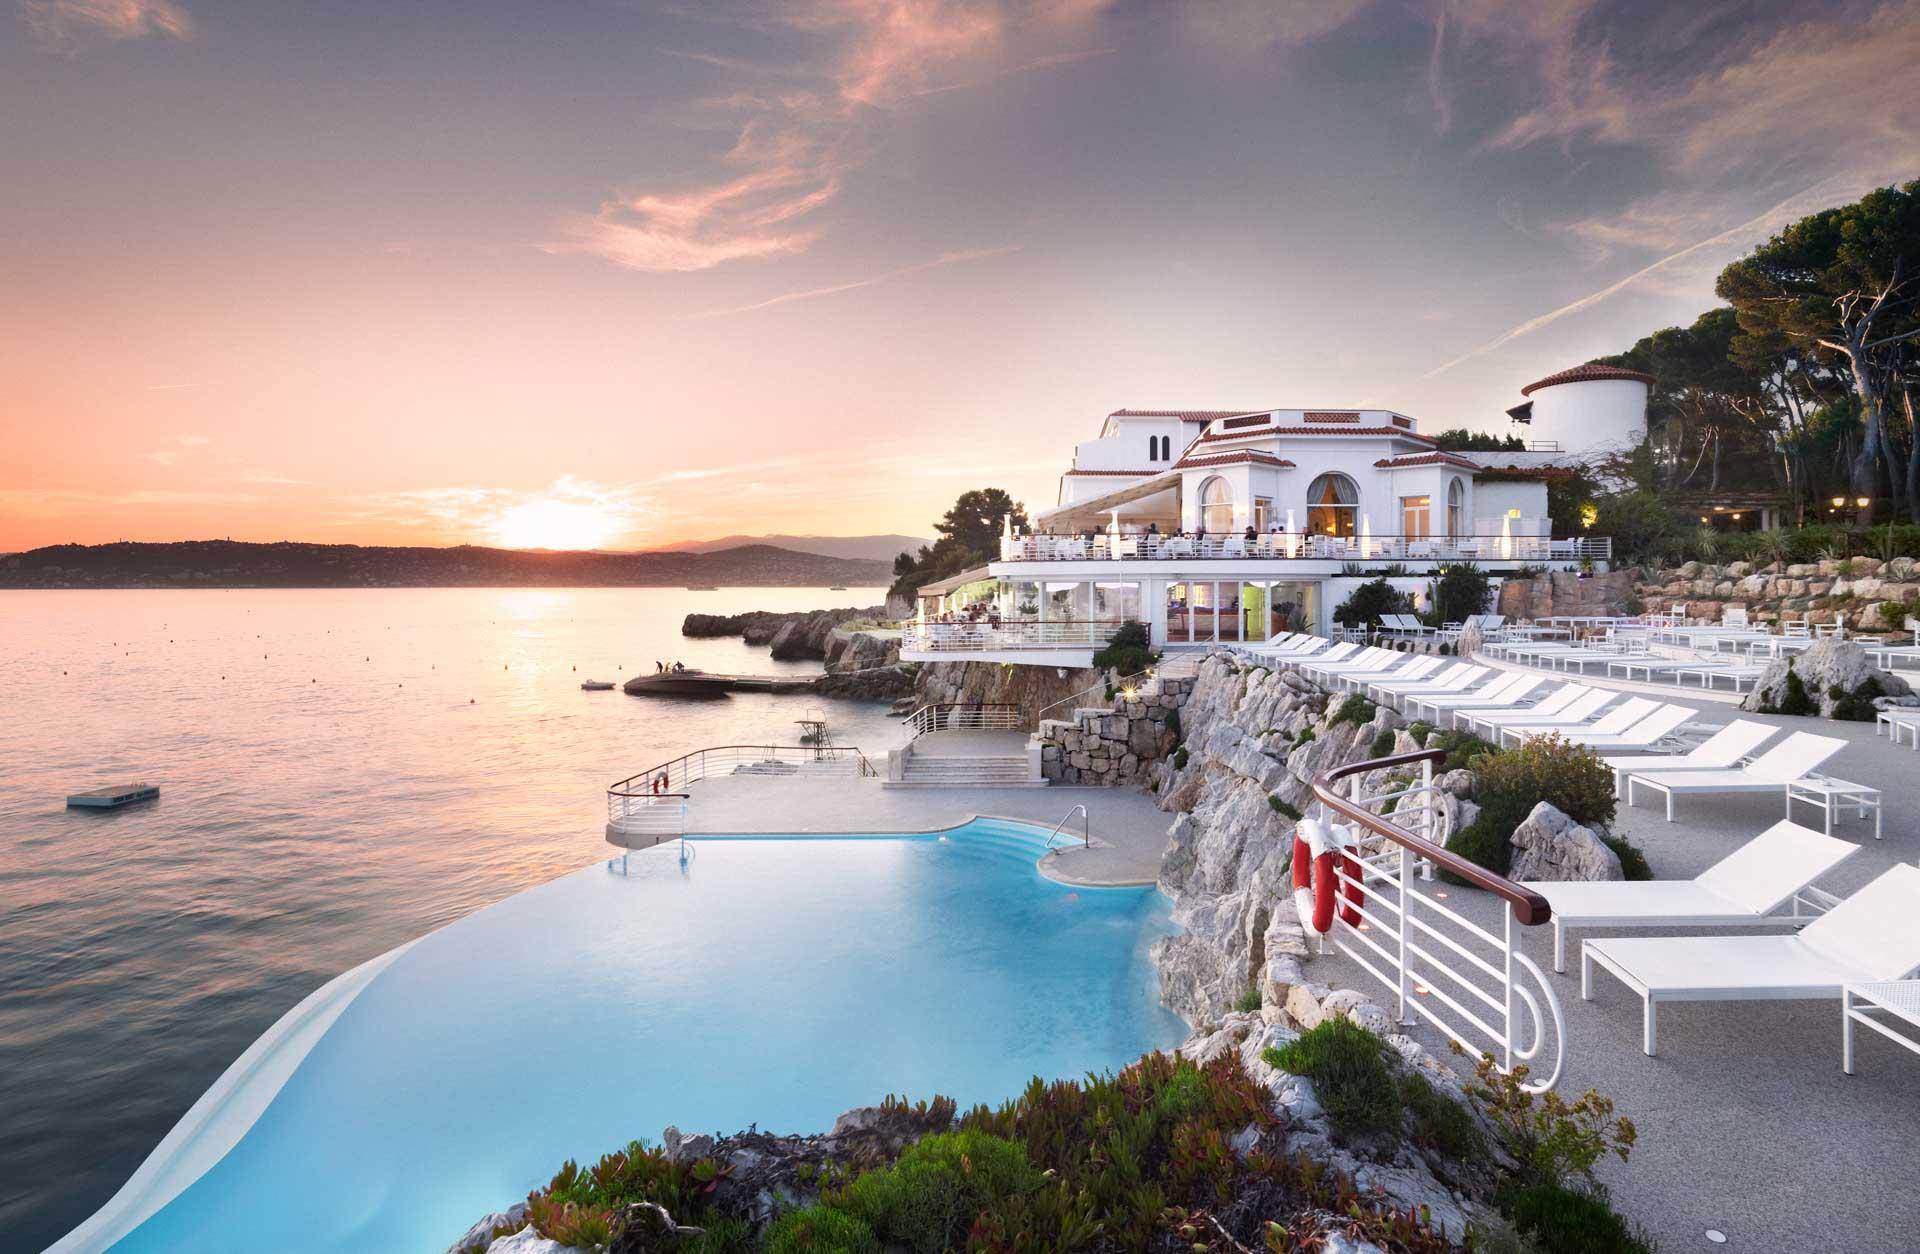 L'Hôtel du Cap-Eden-Roc au coucher de soleil ©DR